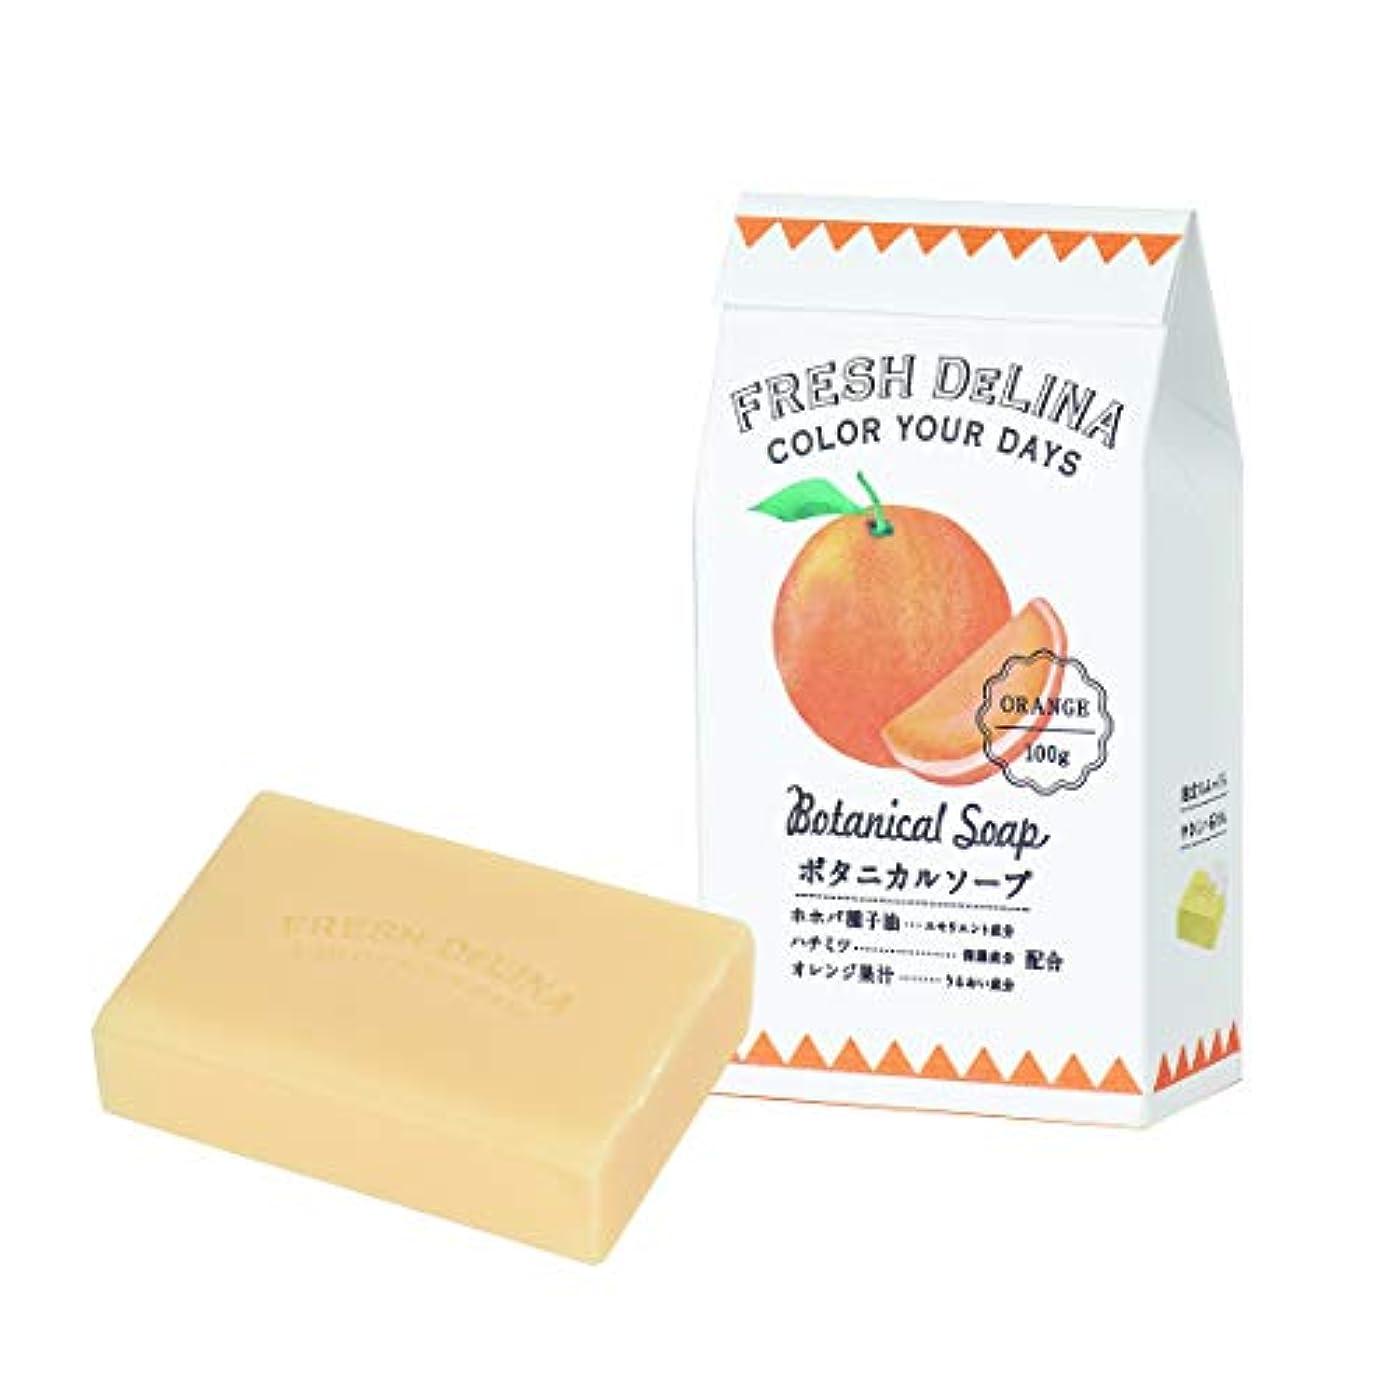 抜本的な先のことを考える運ぶフレッシュデリーナ ボタニカルソープ オレンジ 100g